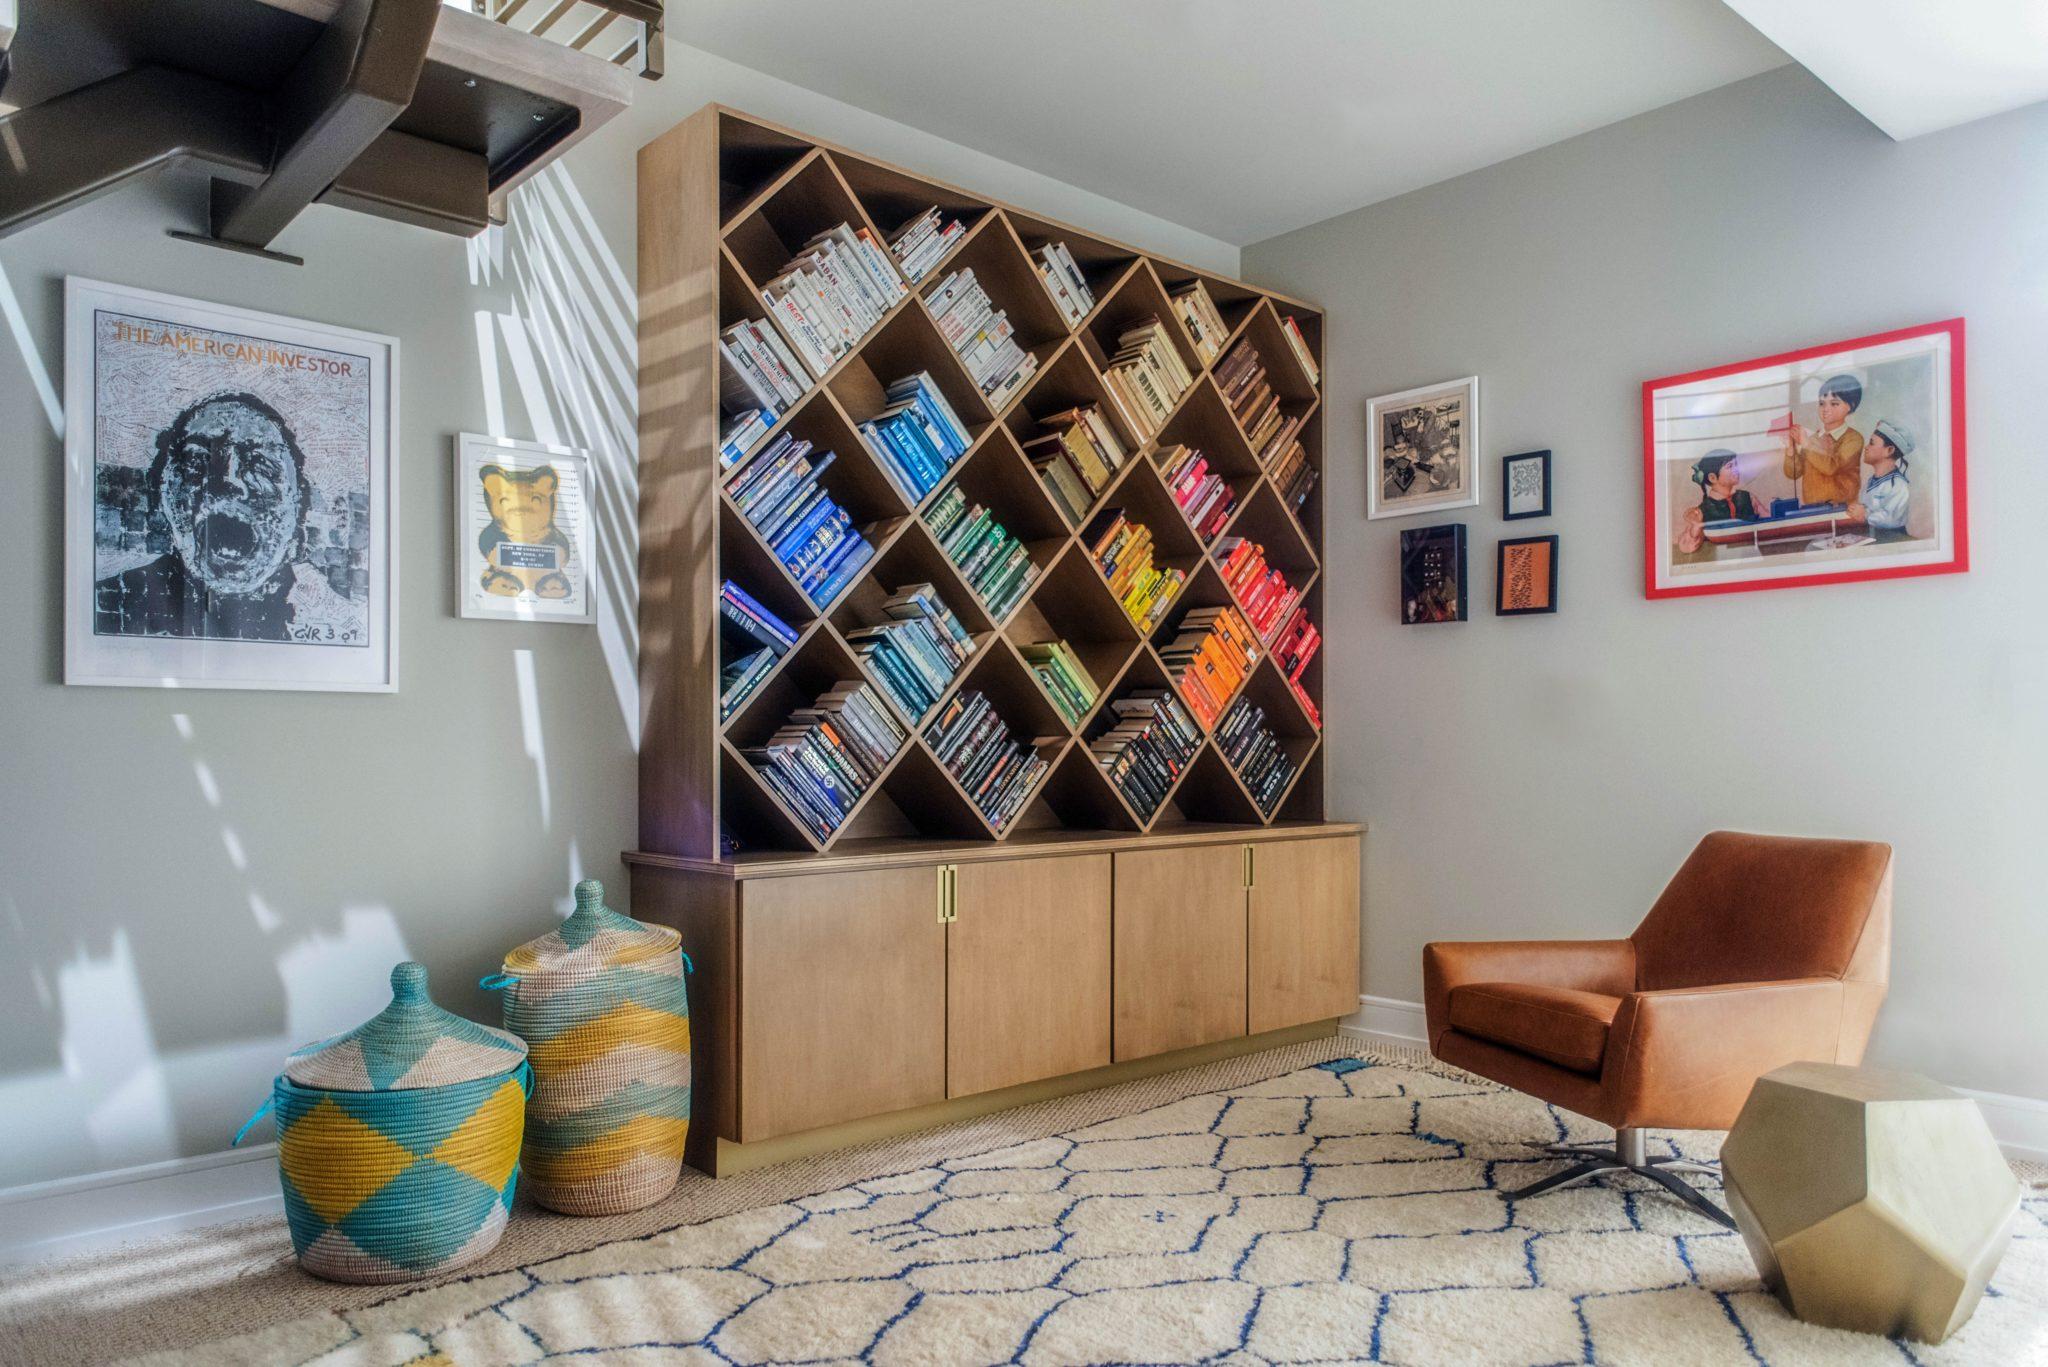 Mãn nhãn với những bộ thảm trải sàn mang họa tiết hình học - Ảnh 13.